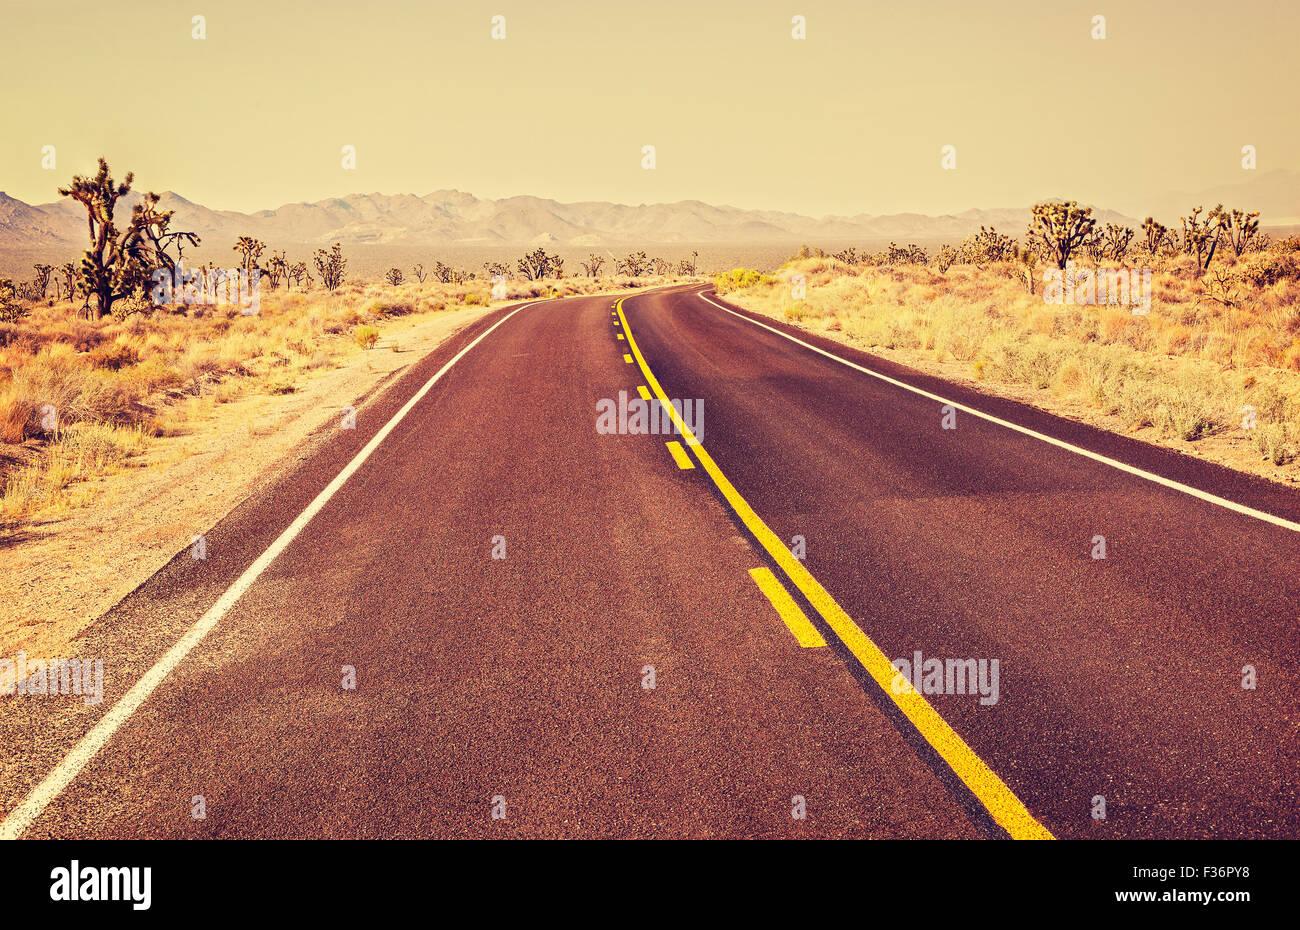 Retro style vieux film pays sans fin l'autoroute, travel adventure concept, Joshua Tree National Park, USA. Banque D'Images